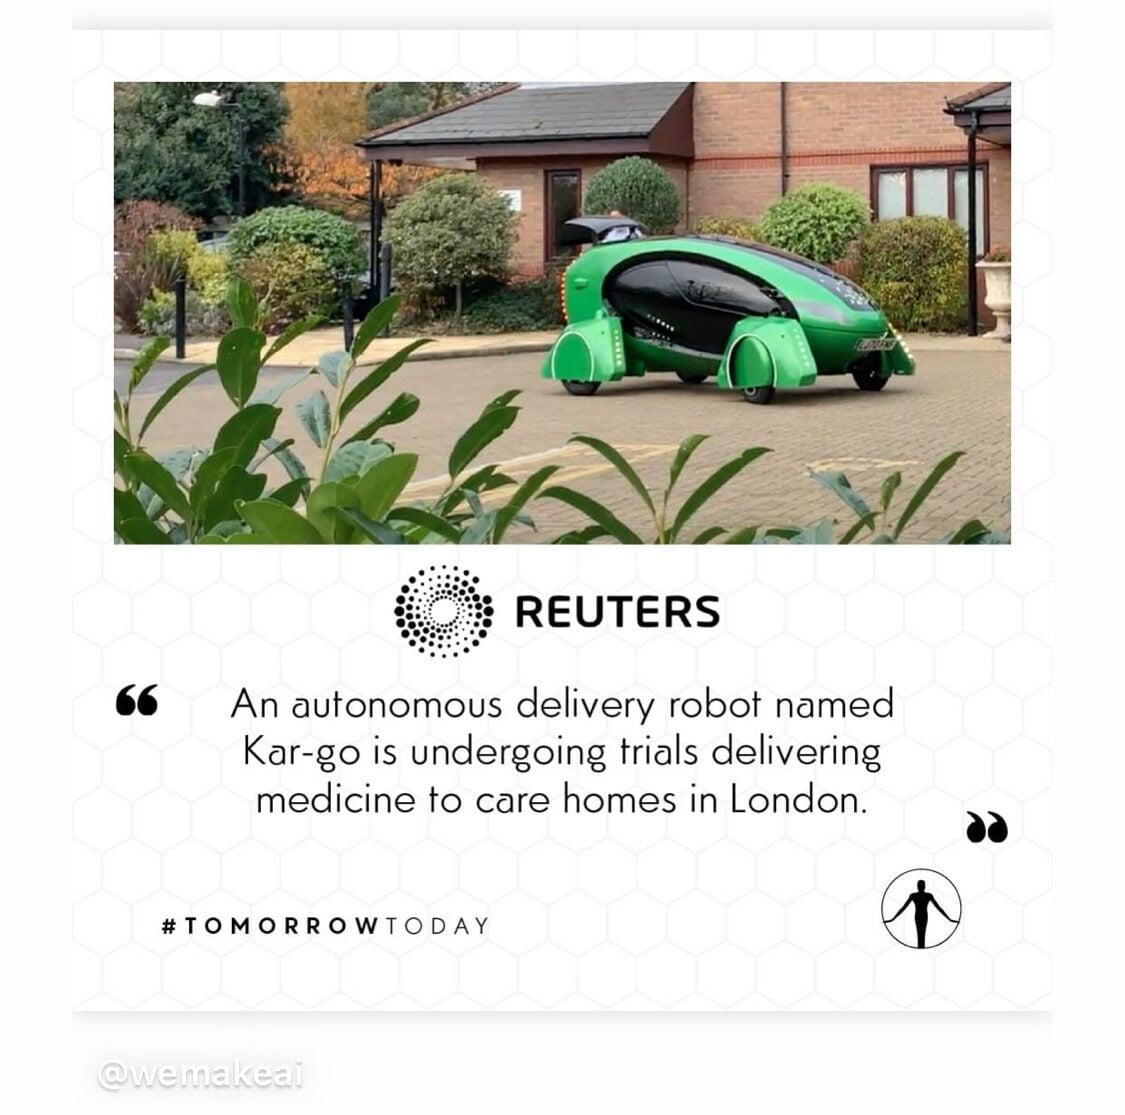 Kargo Reuters